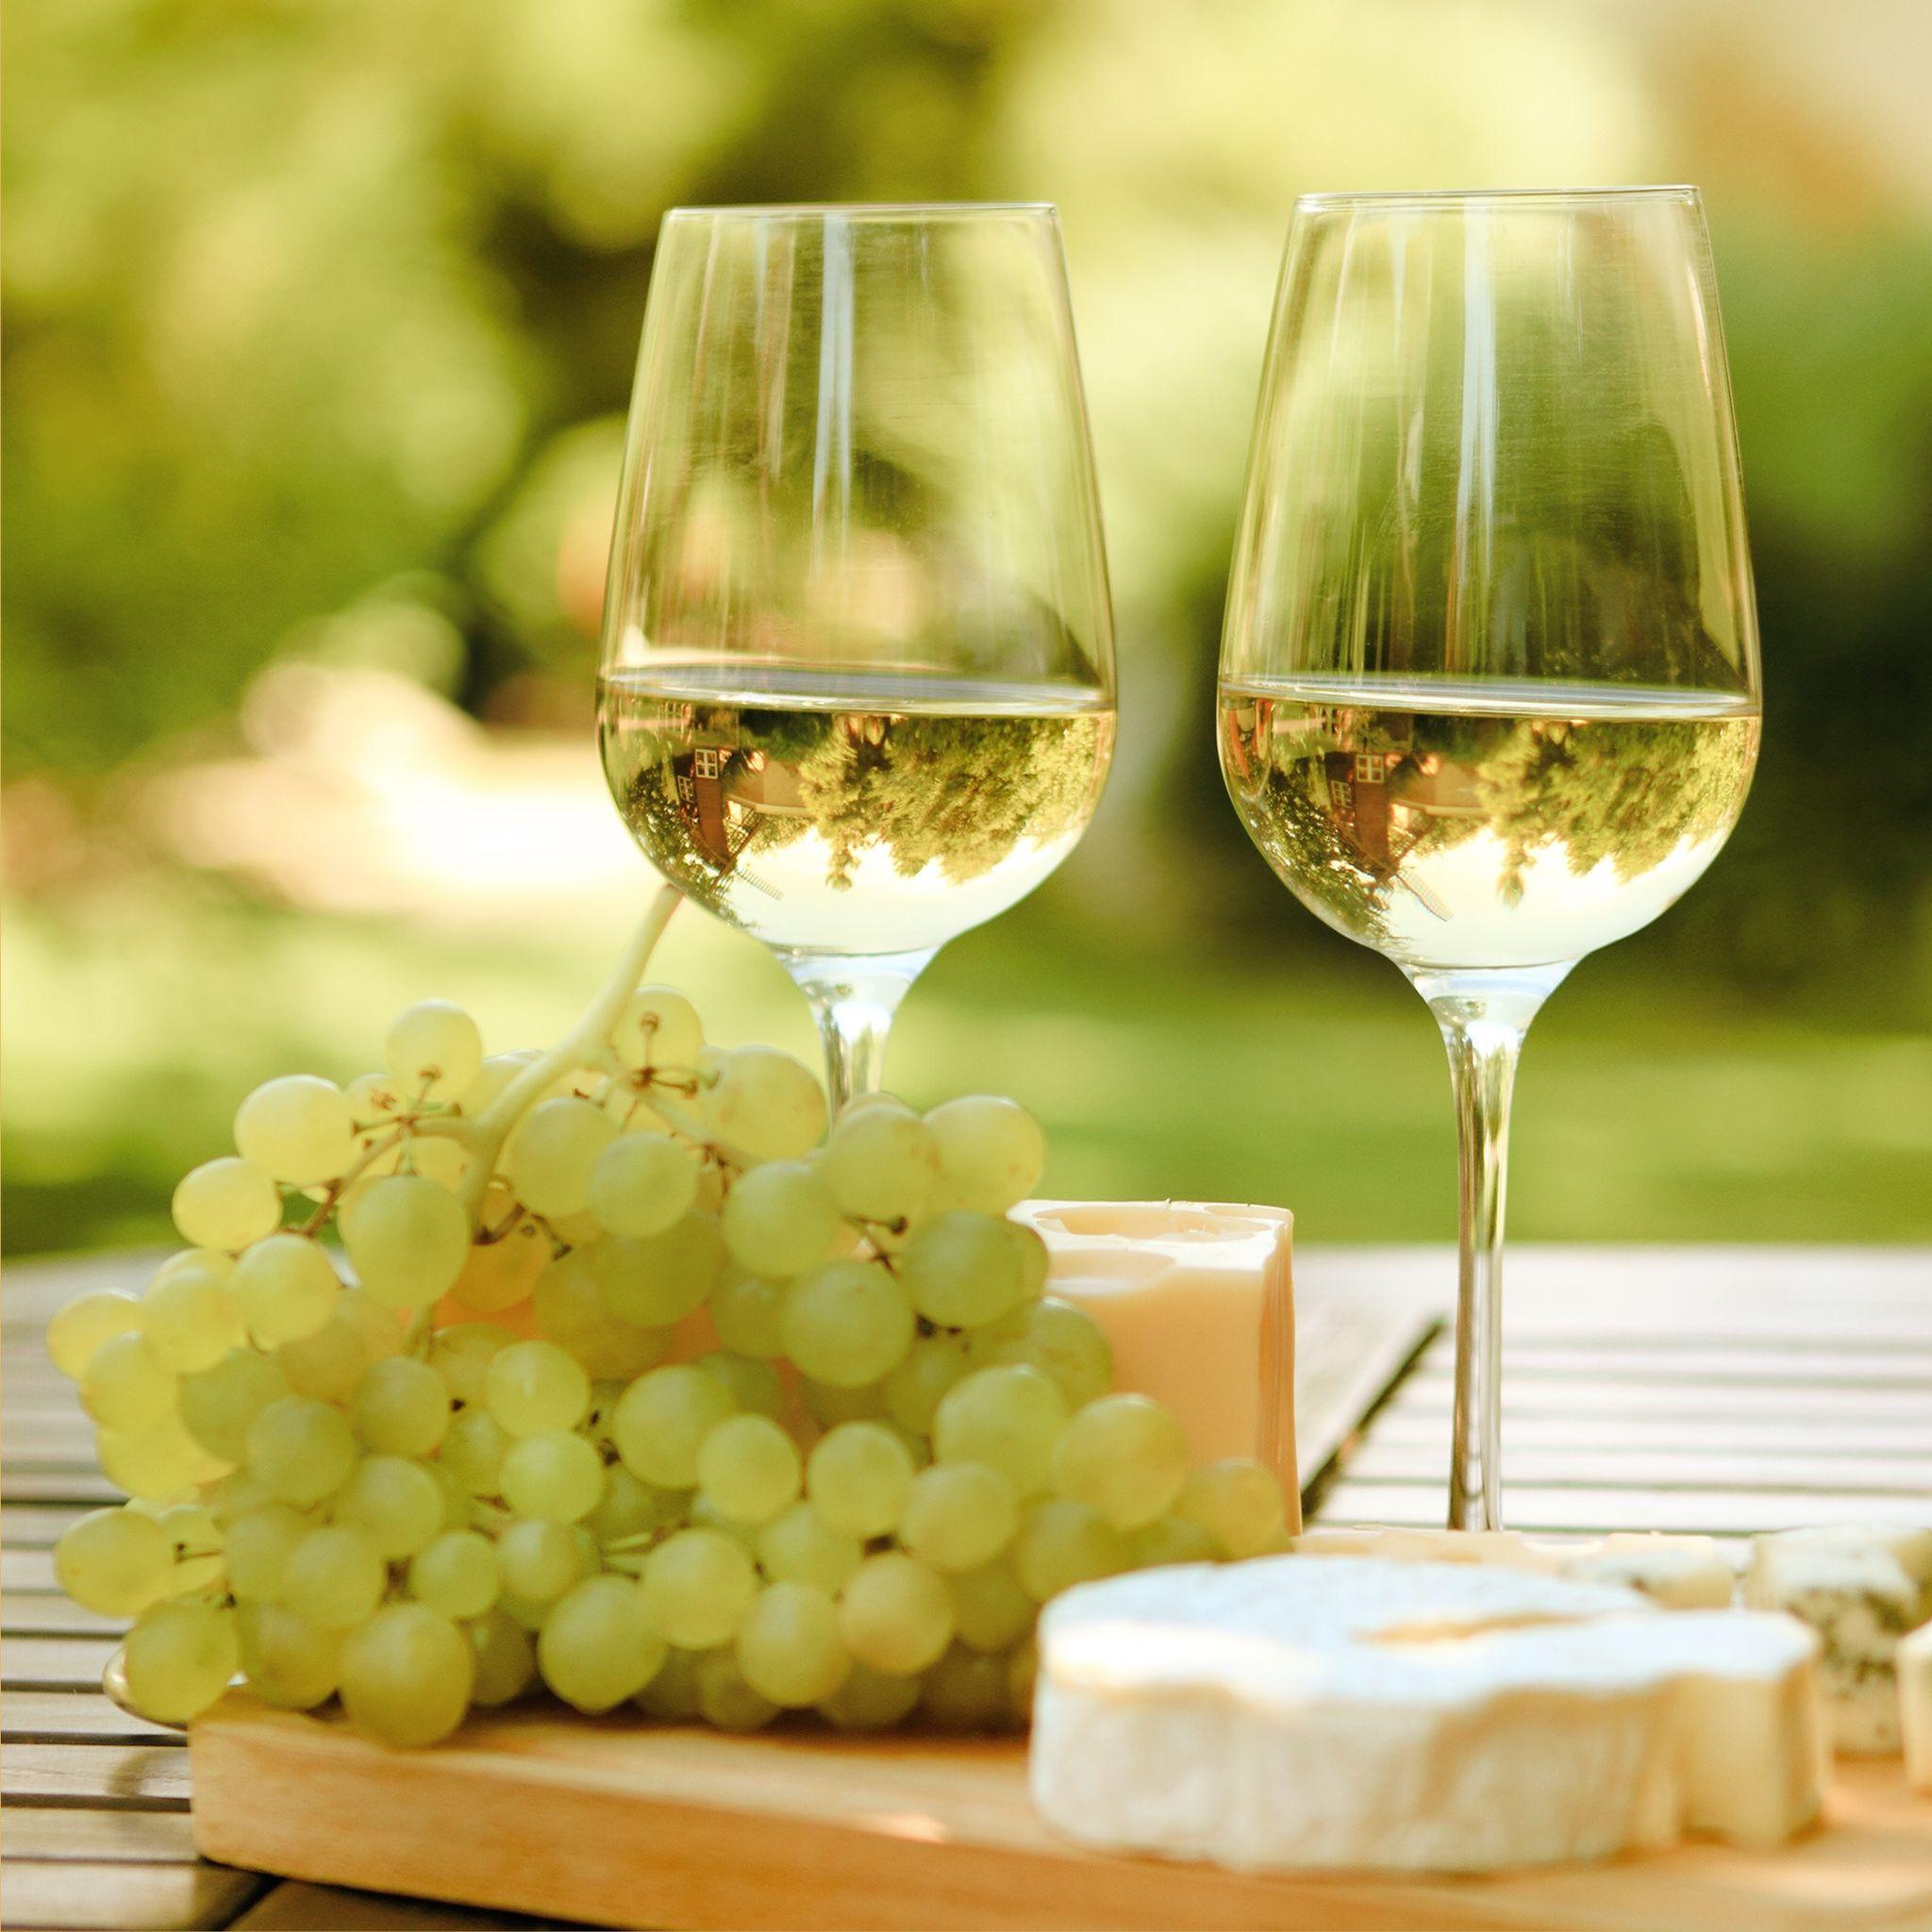 australia white wine and cheese 123rf